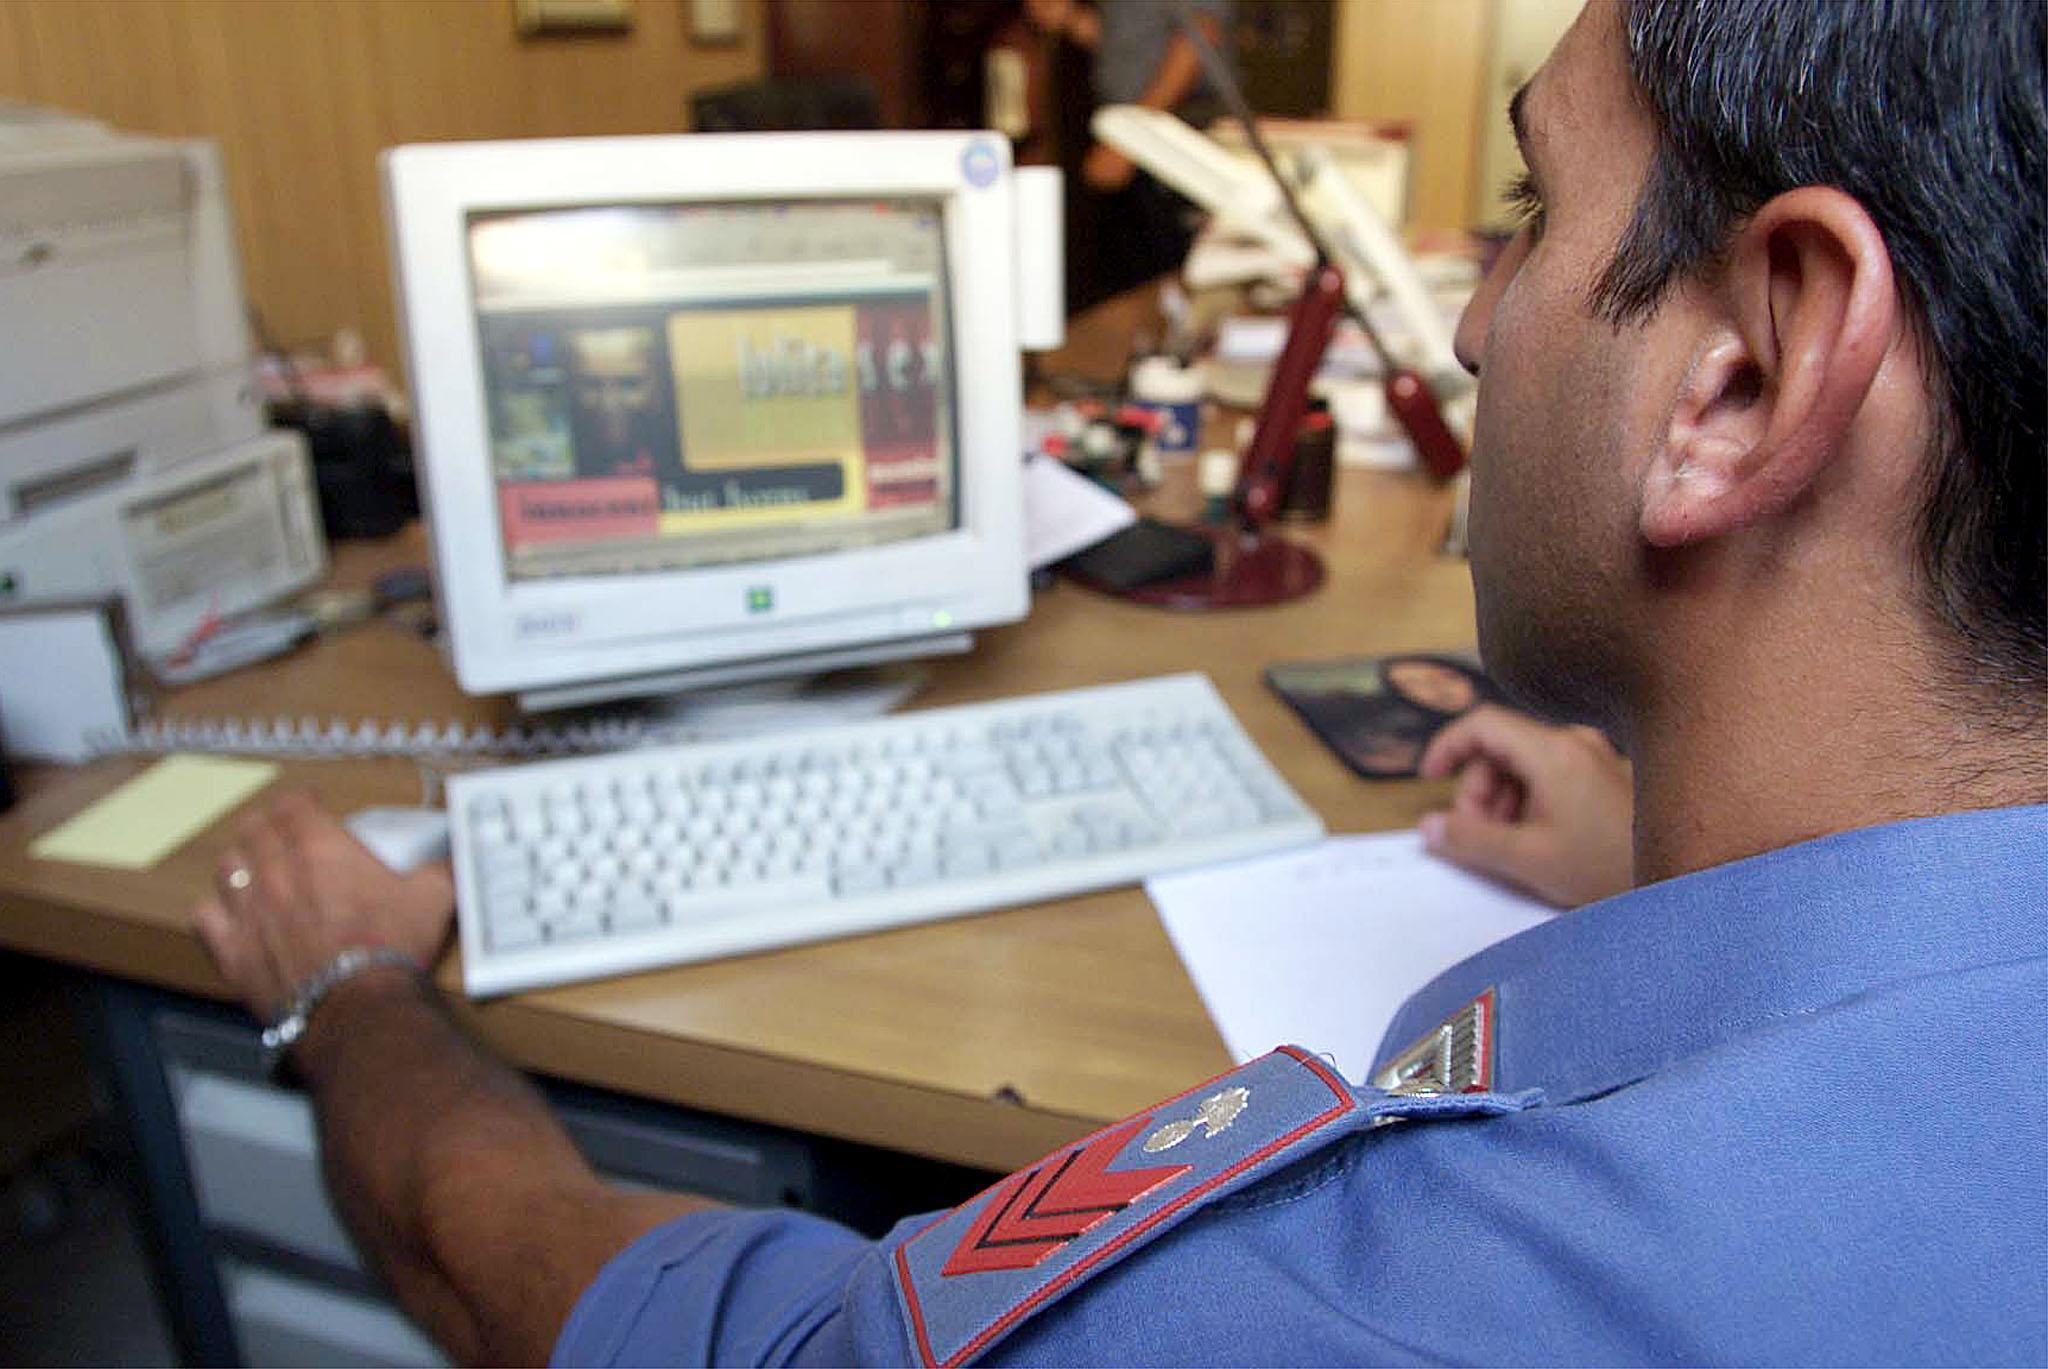 Polizia postale al lavoro sul web (foto Ansa)